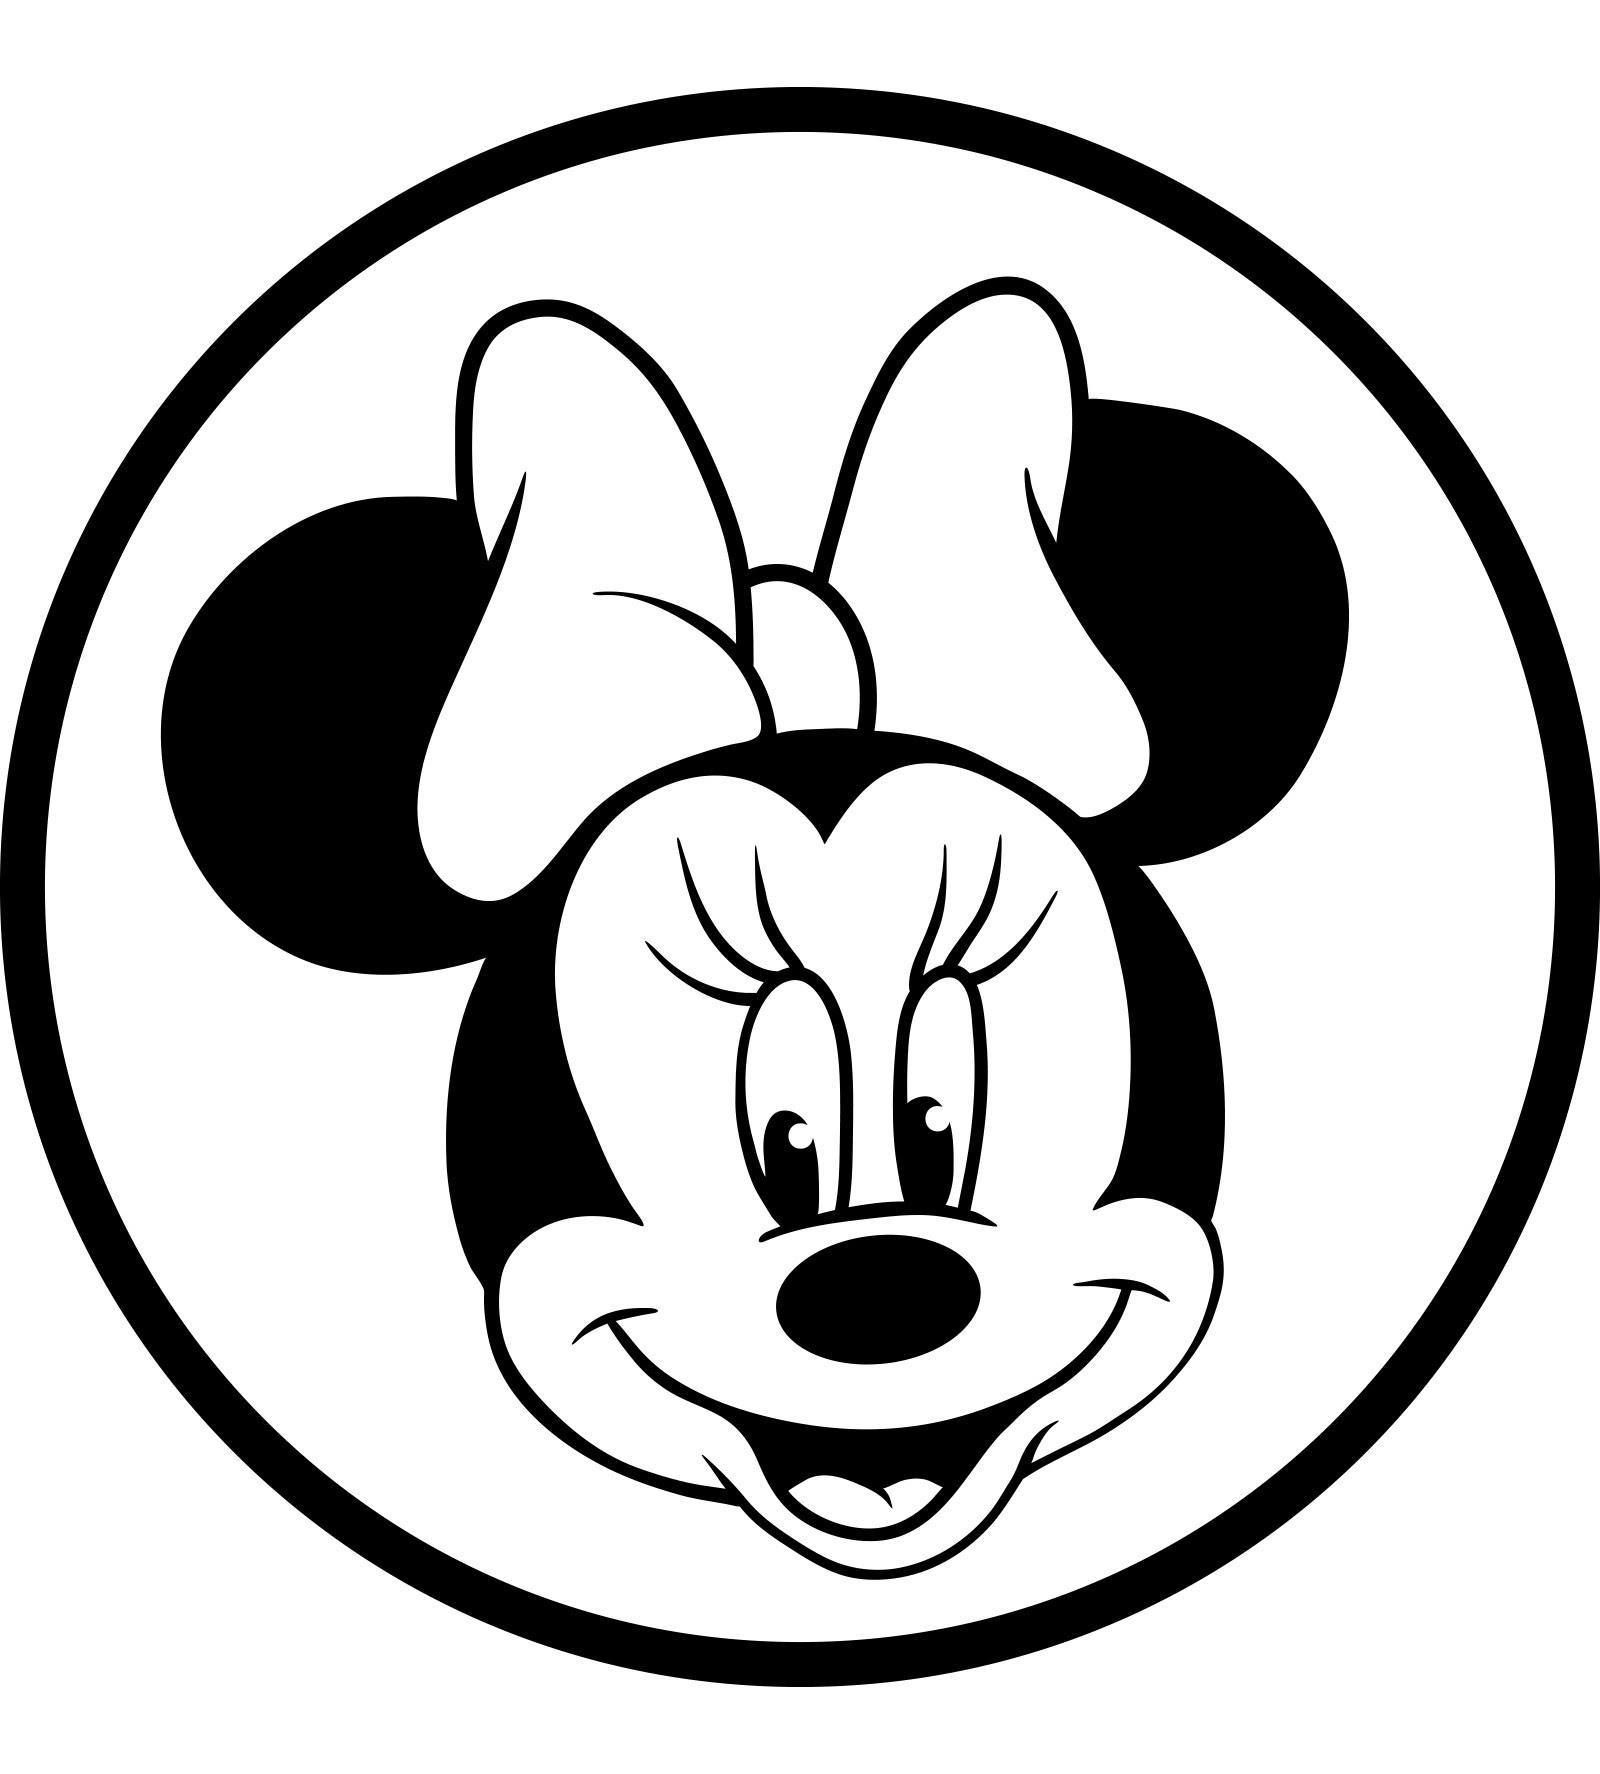 Coloriage  imprimer Personnages cél¨bres Walt Disney Mickey Mouse Minnie Mouse numéro